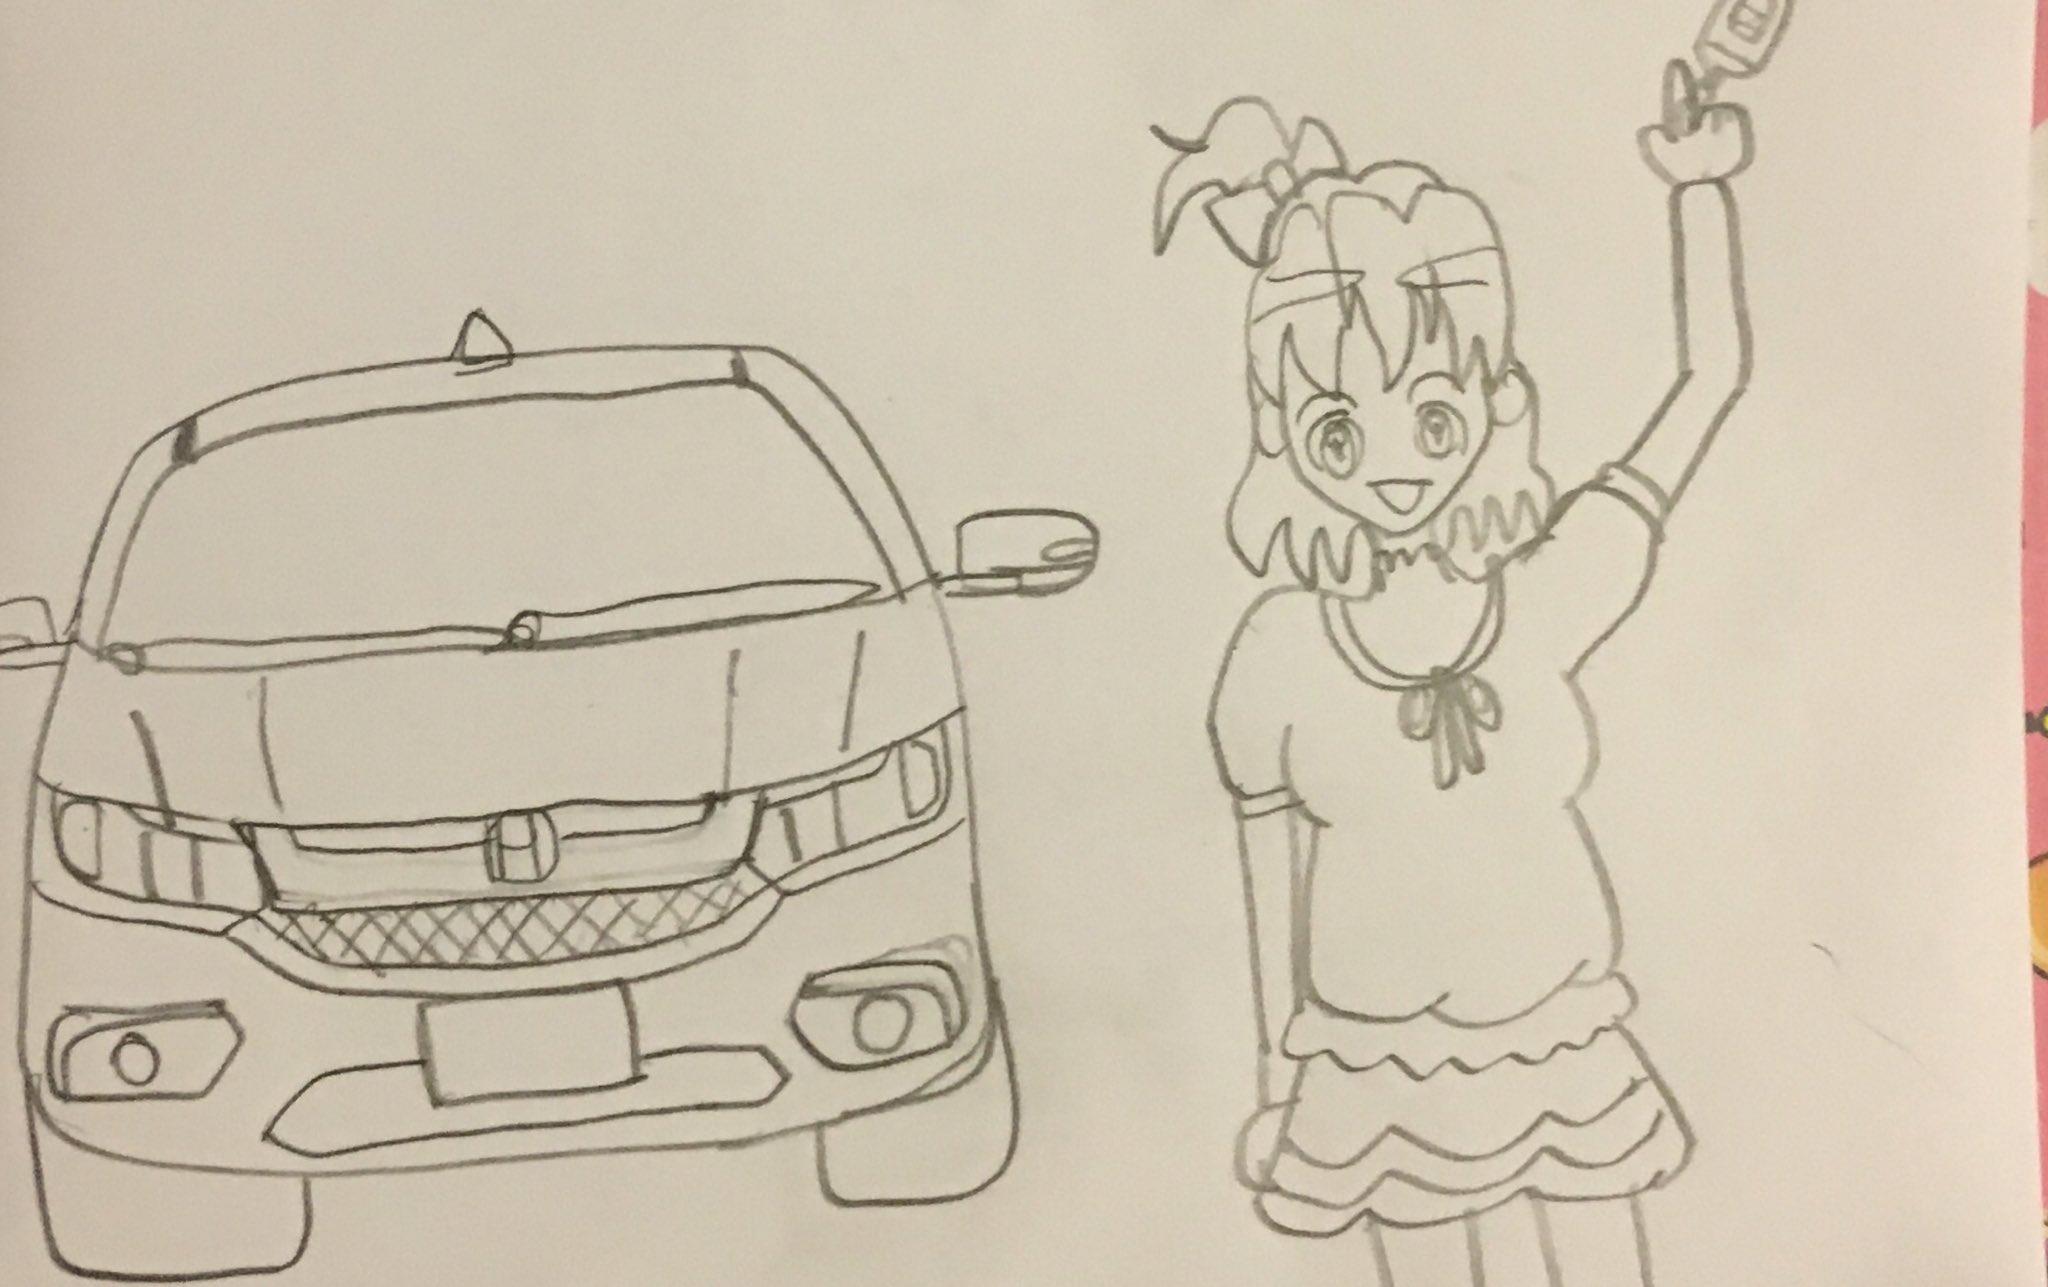 โอโมริ ยูโกะ Σ4 (@Omoriyuko28V4WD)さんのイラスト